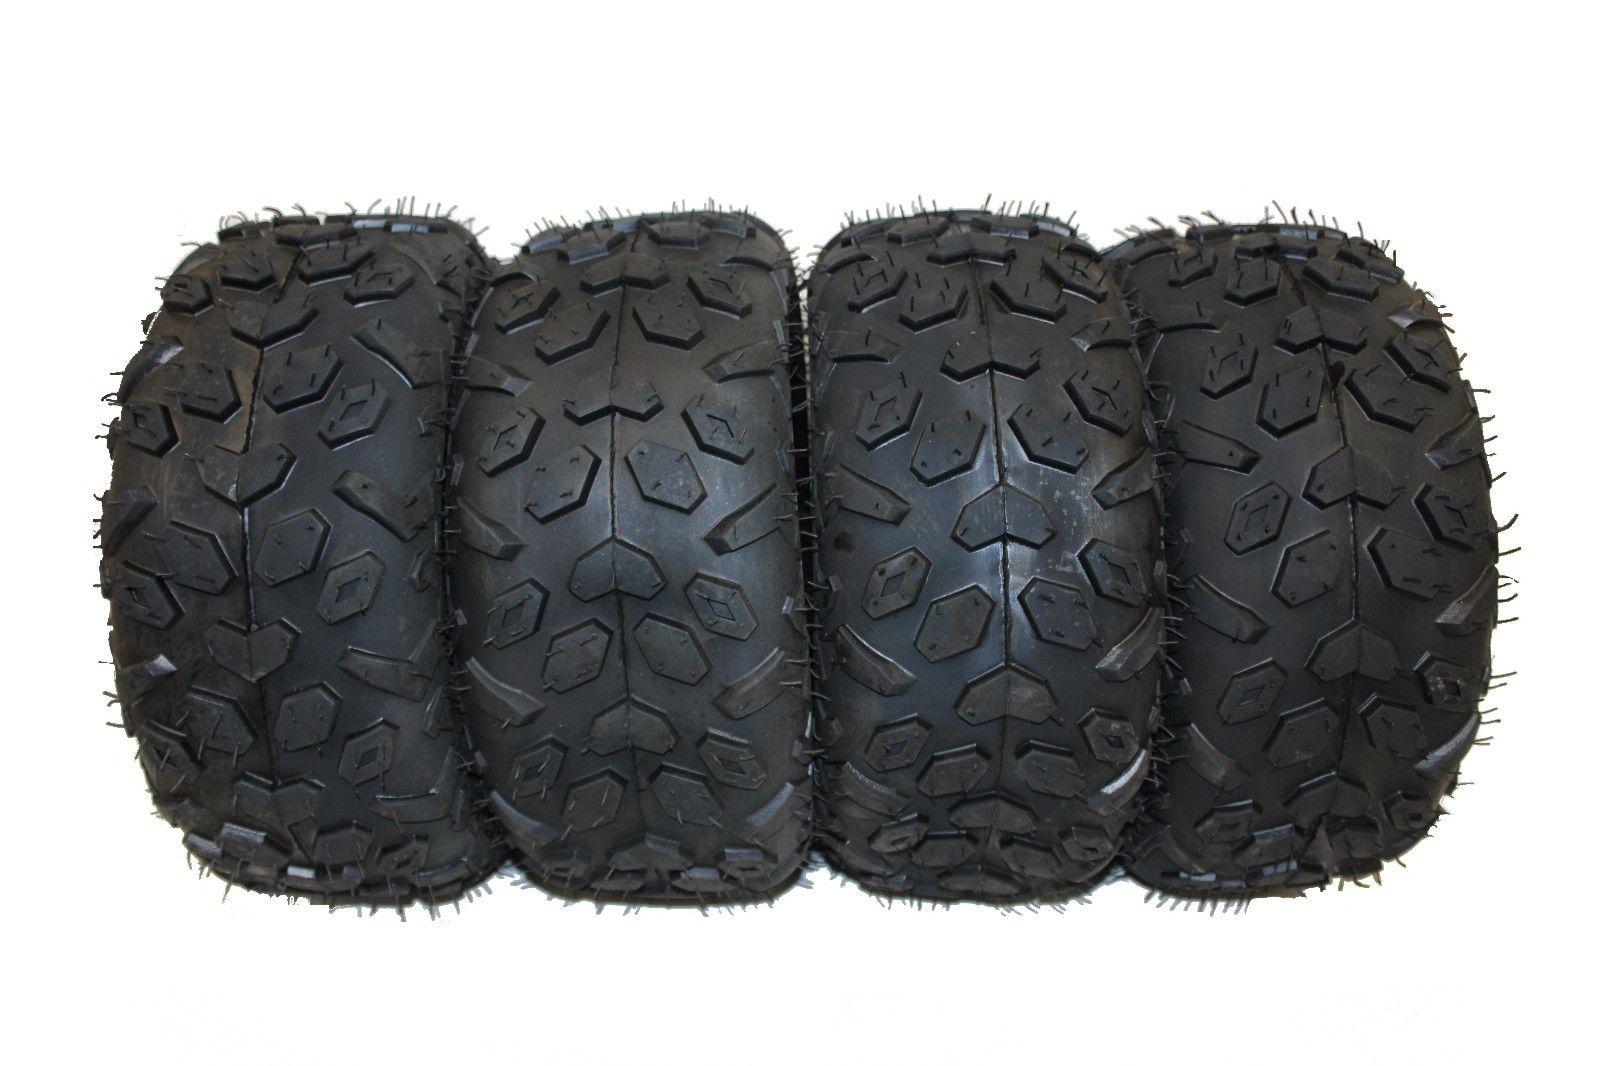 comparatif pneus de quad test et avis en mars 2019. Black Bedroom Furniture Sets. Home Design Ideas